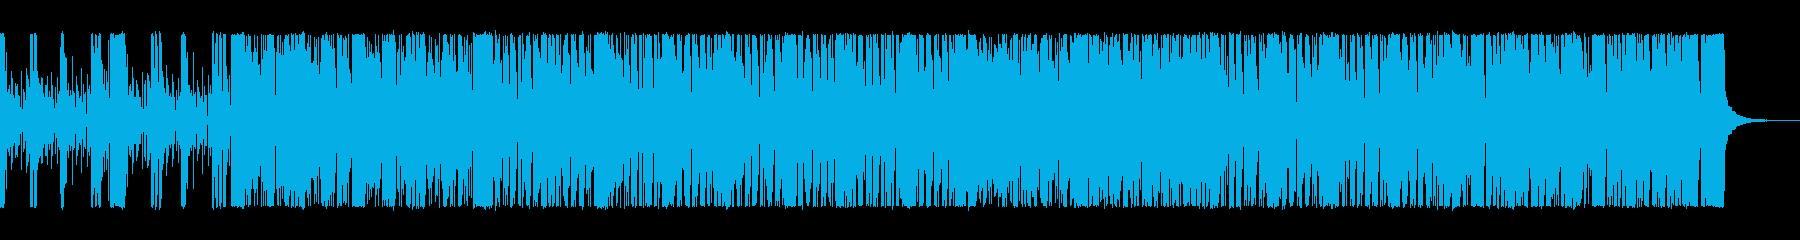 スピーディーで都会感のあるサウンドの再生済みの波形